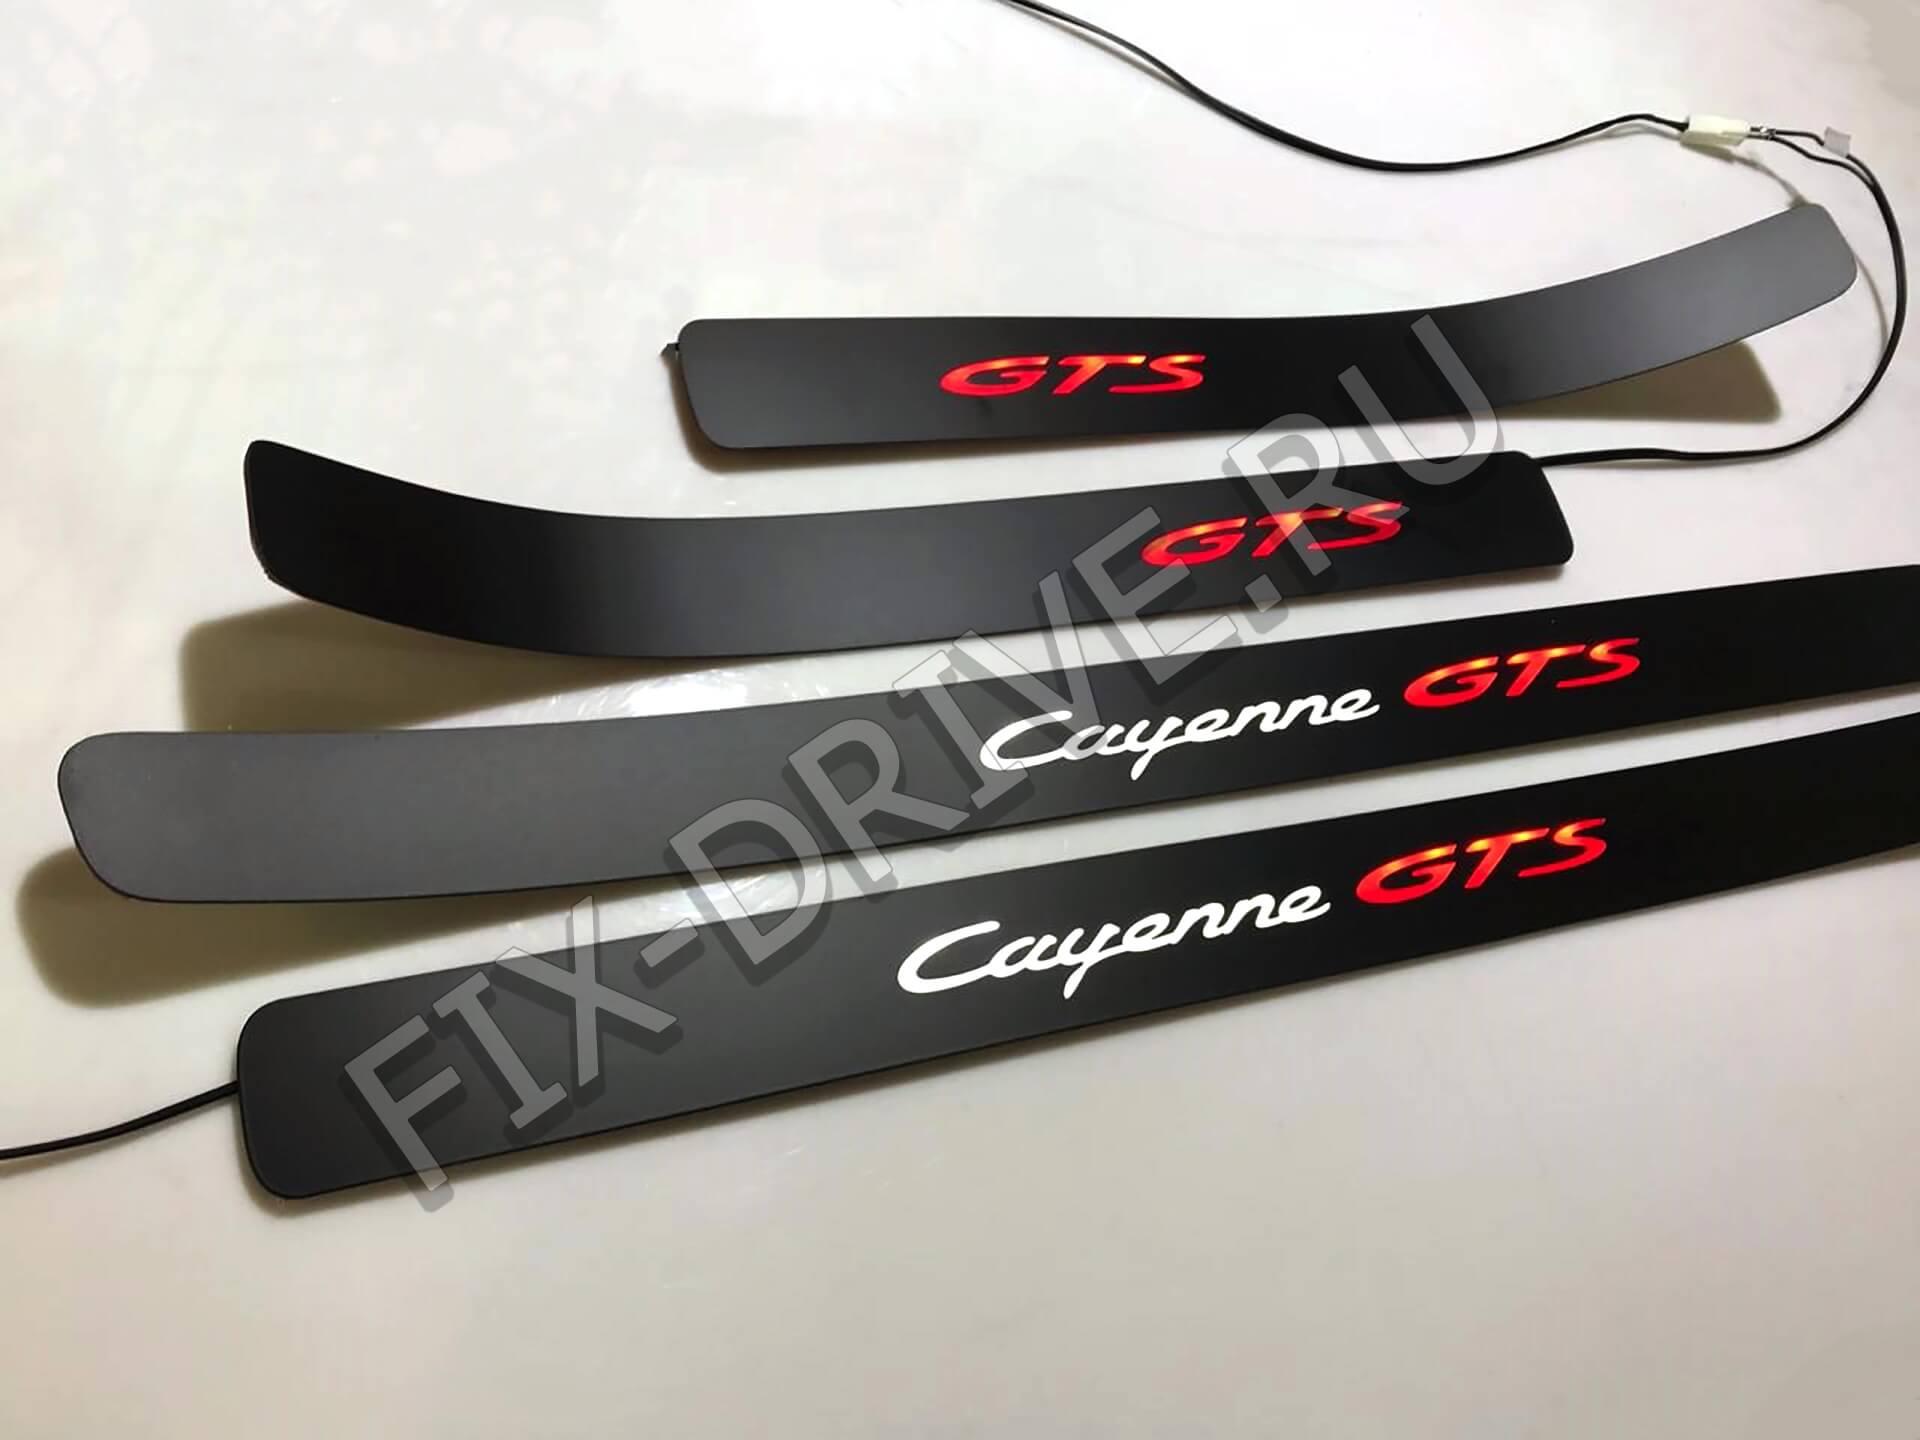 Пороги Cayenne GTS 957 черные с подсветкой